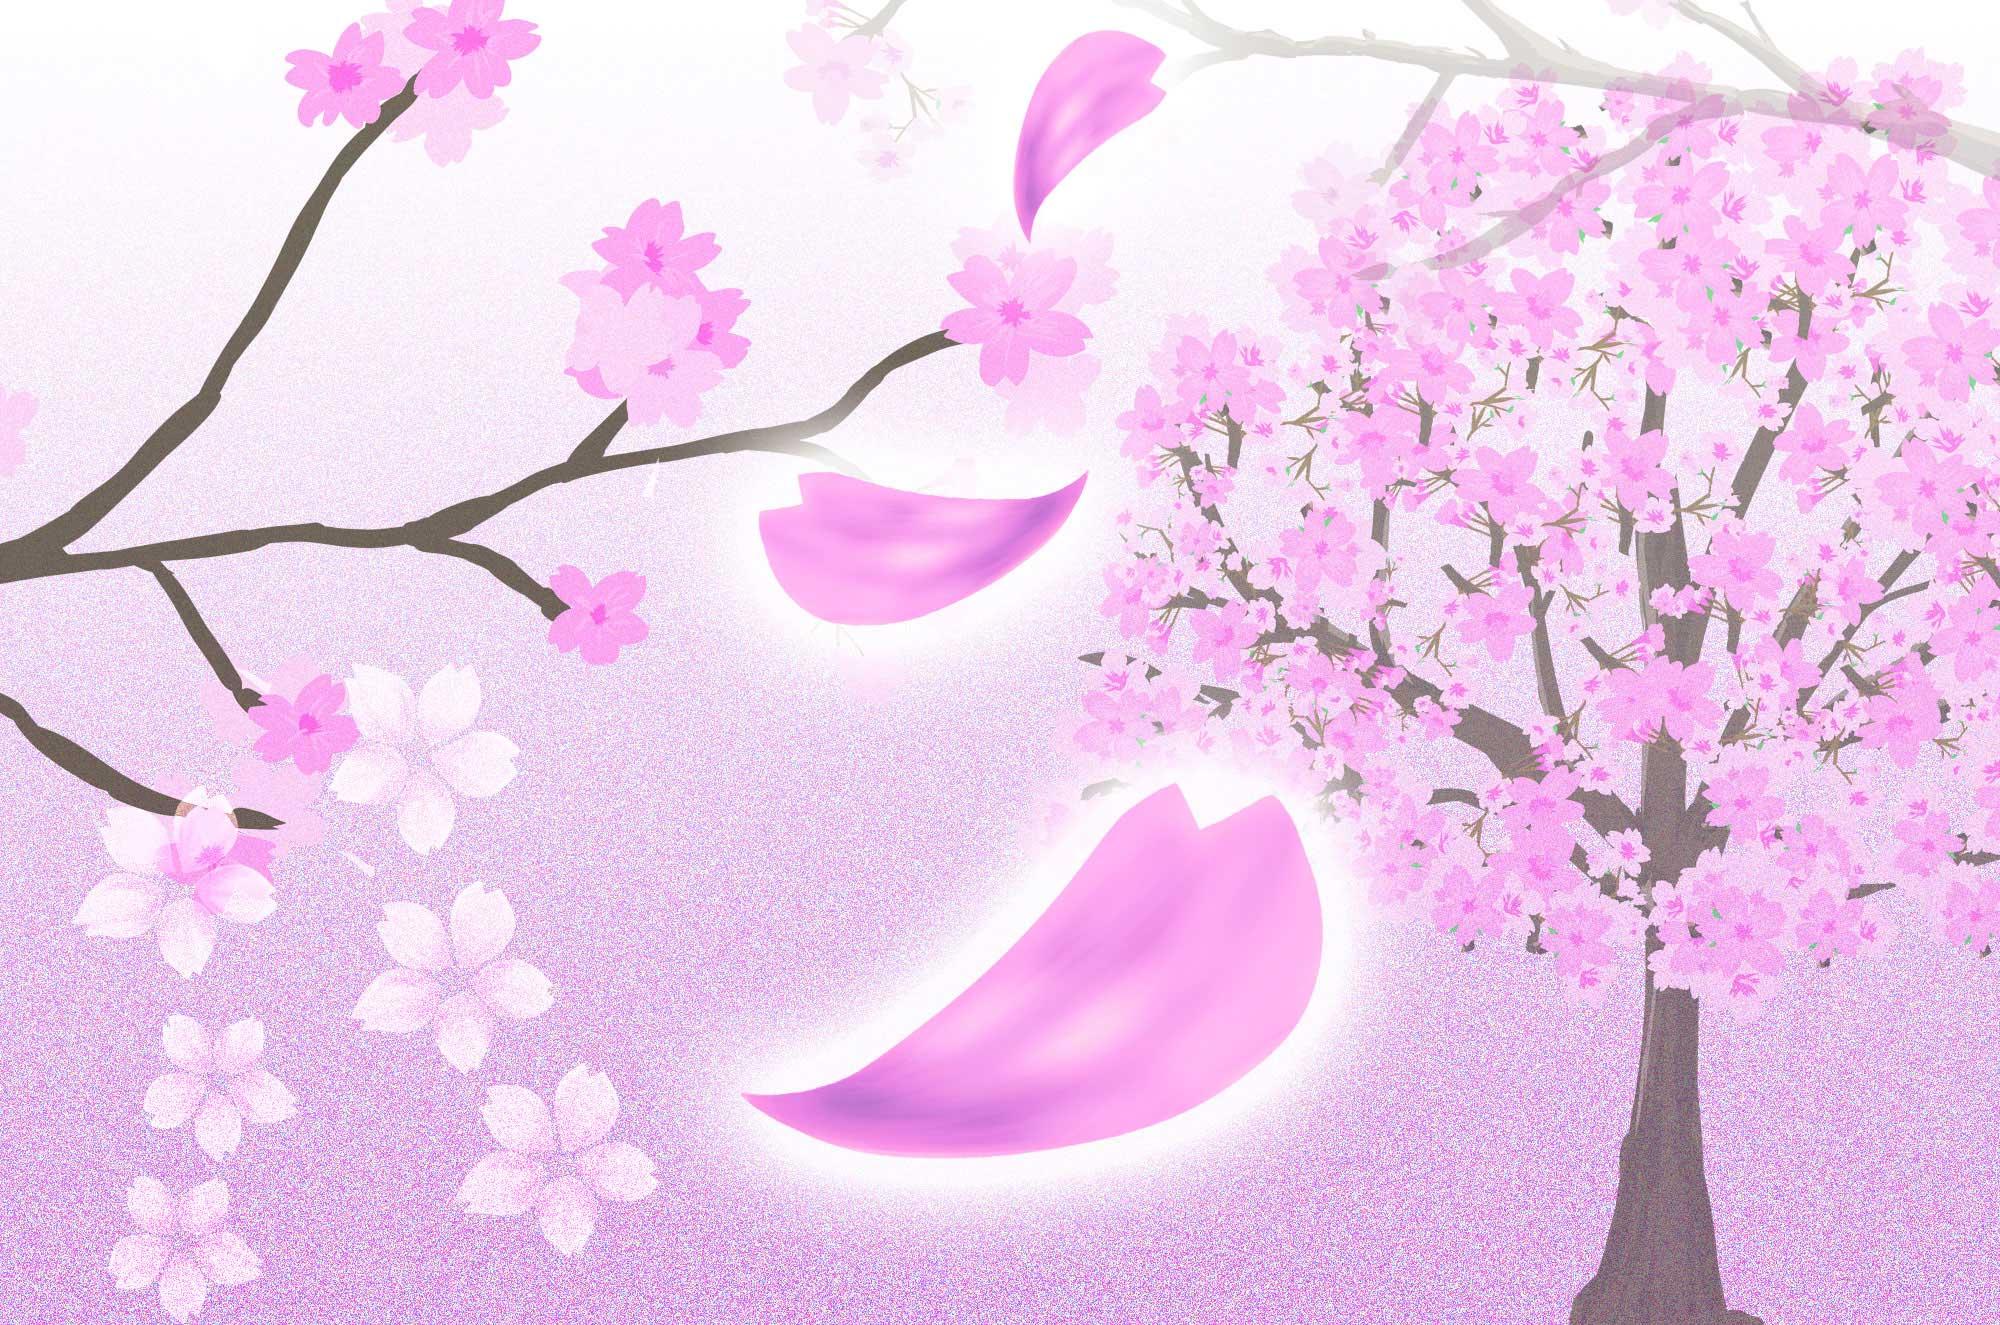 落ちる桜の花びらと満開の桜の花